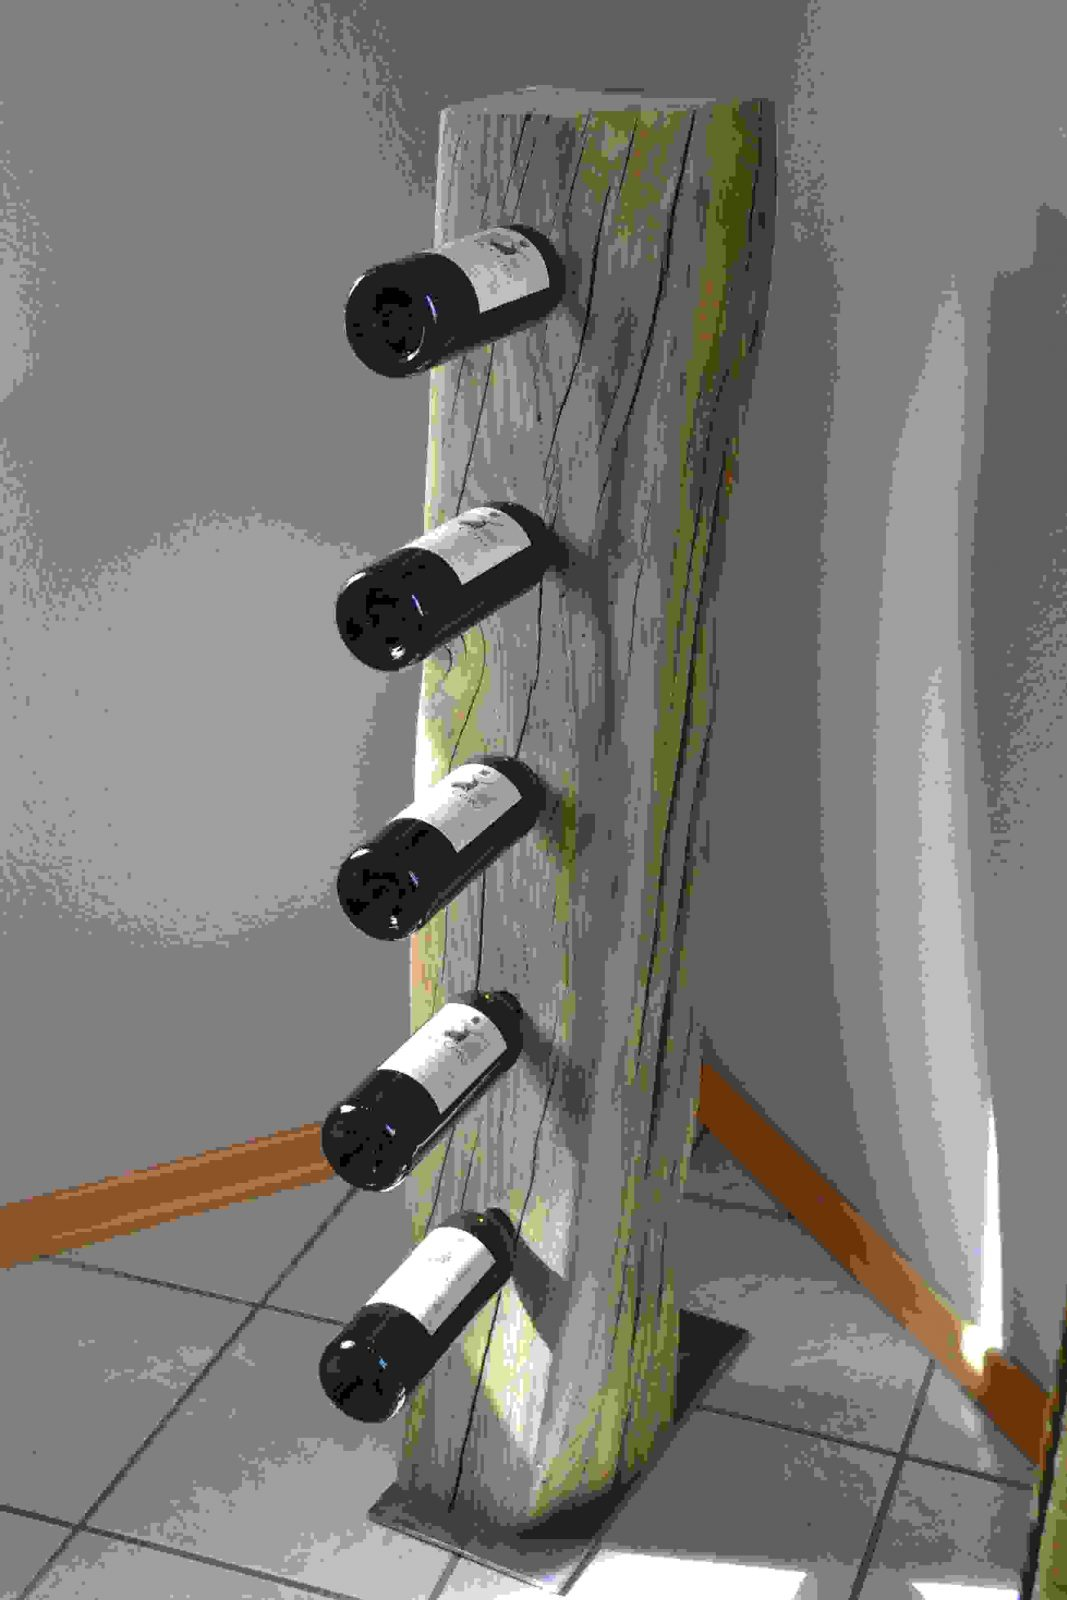 Lampe Aus Alten Balken Mit 25 Oberteil Basteln Holzbalken Konzeption von Basteln Mit Alten Holzbalken Photo